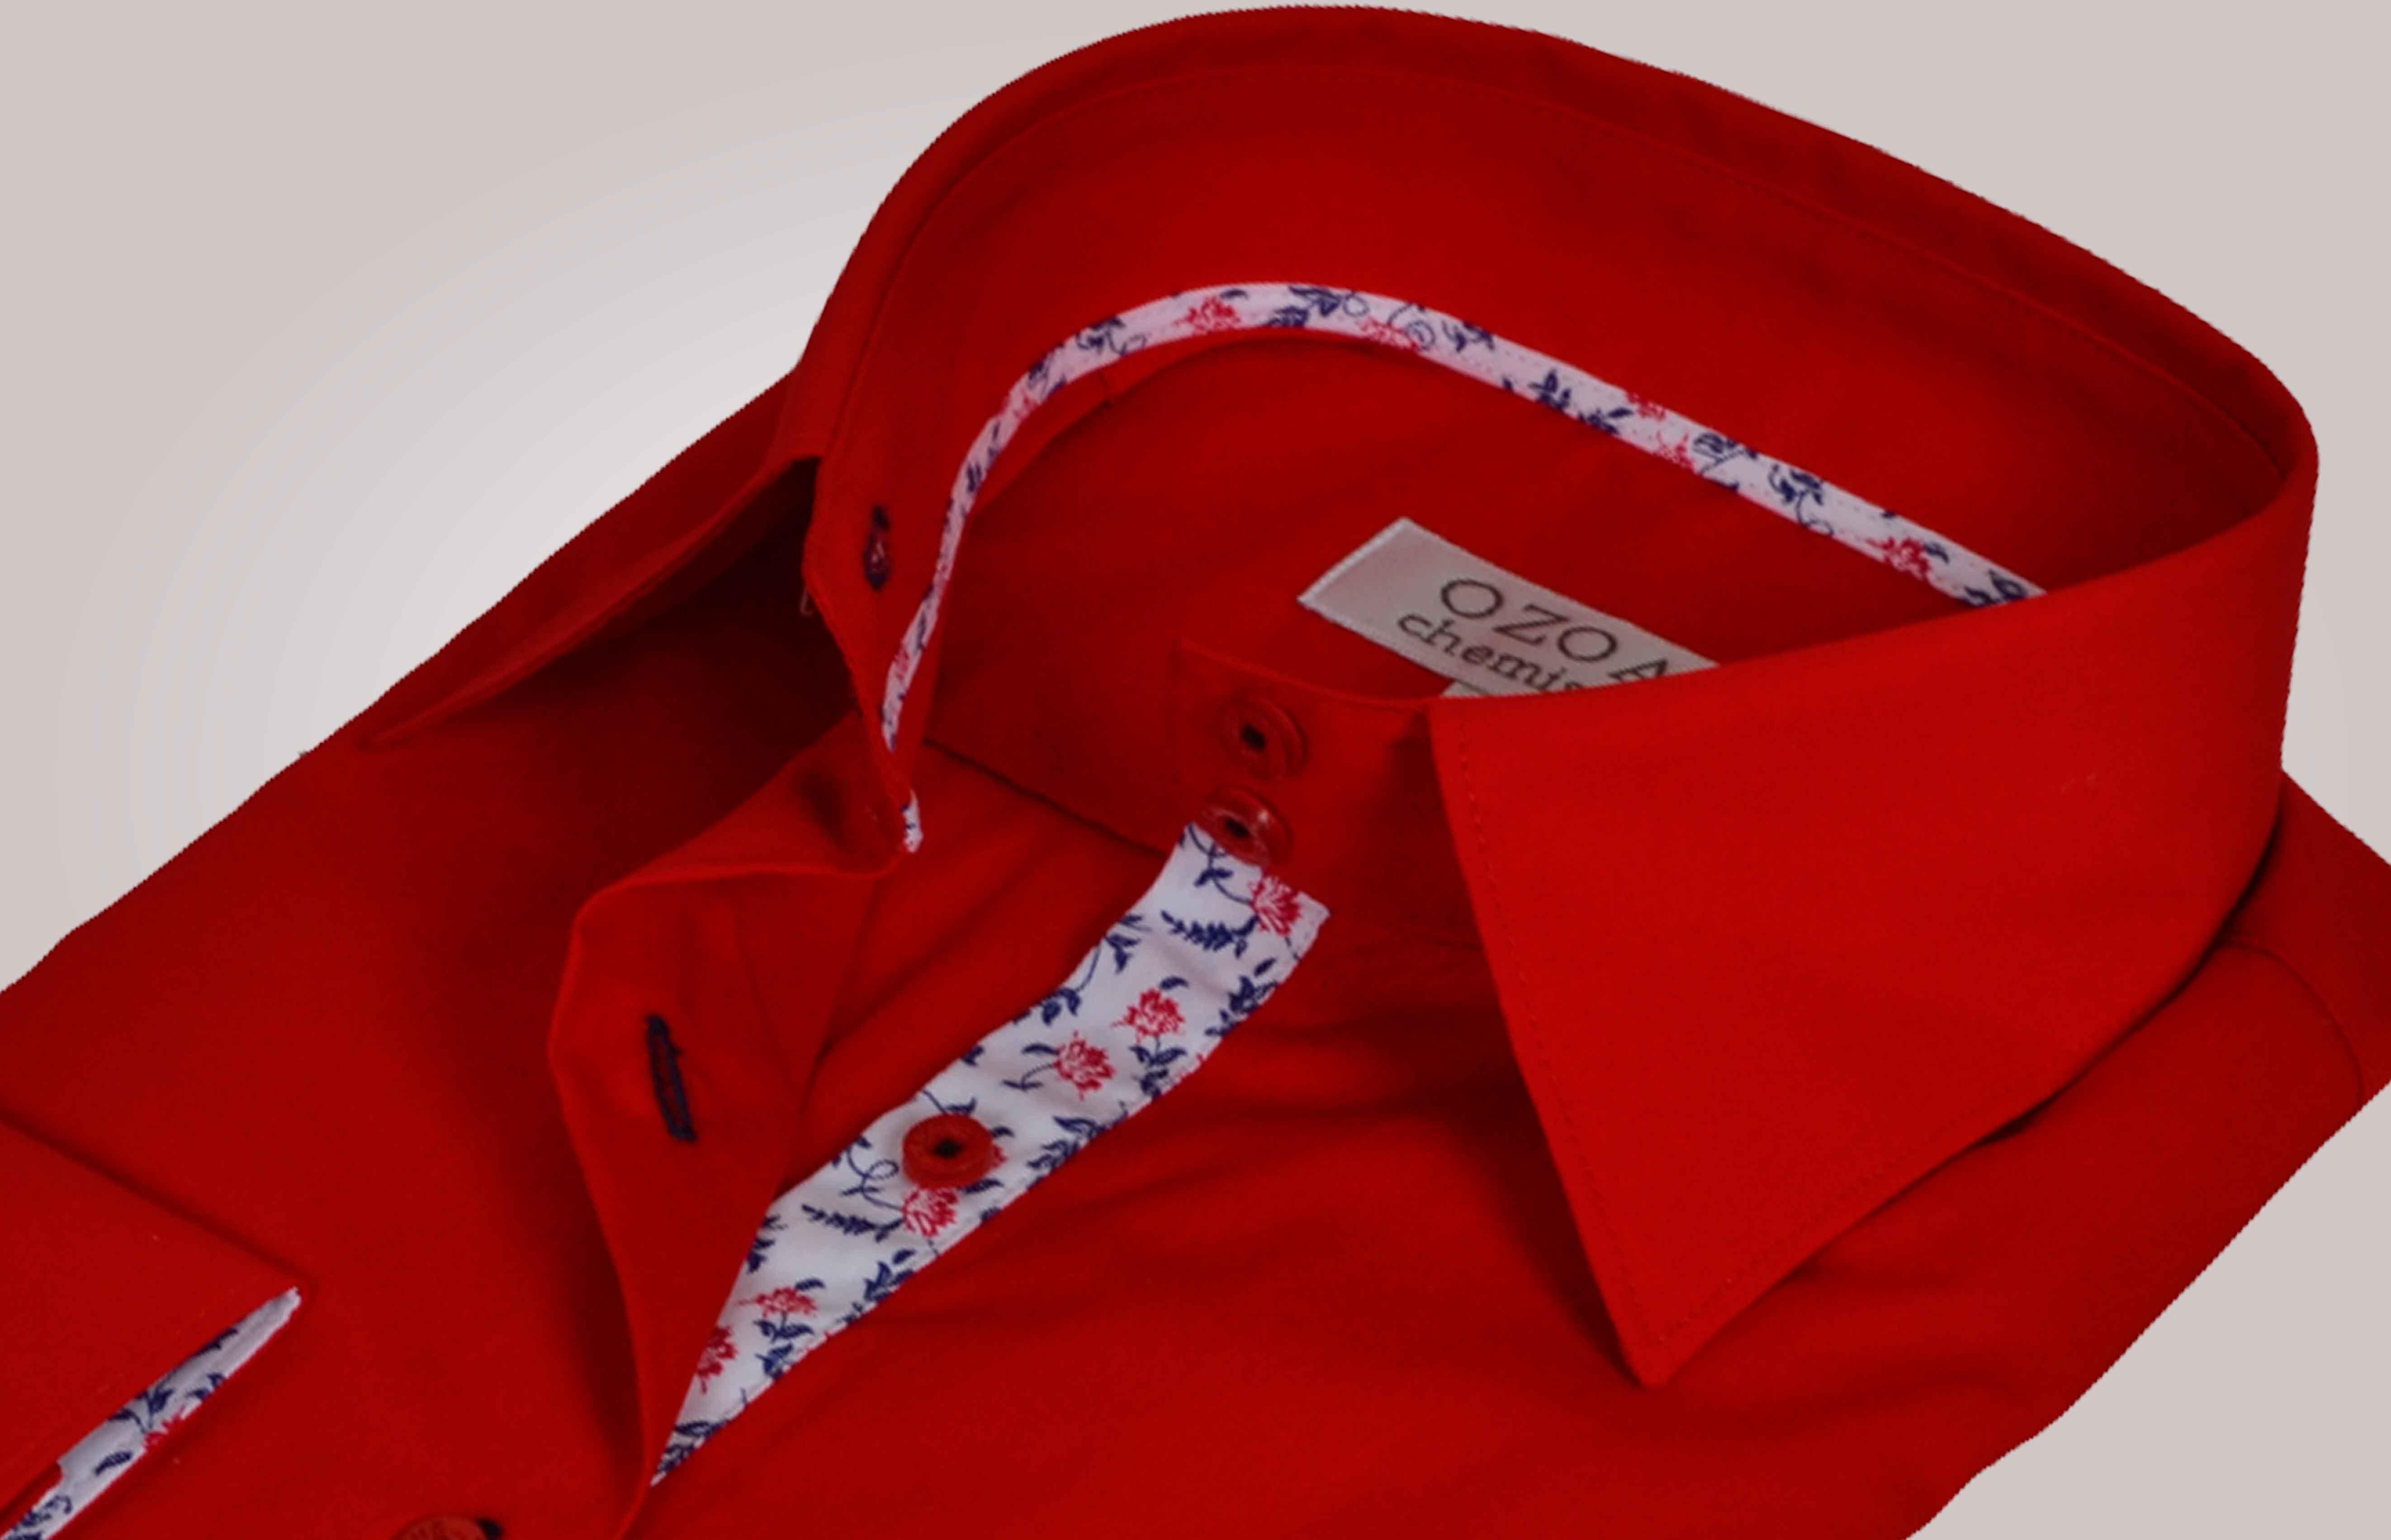 chemisier femme rouge duo fleurs bleues et rouges chemisier cintr ozoa. Black Bedroom Furniture Sets. Home Design Ideas